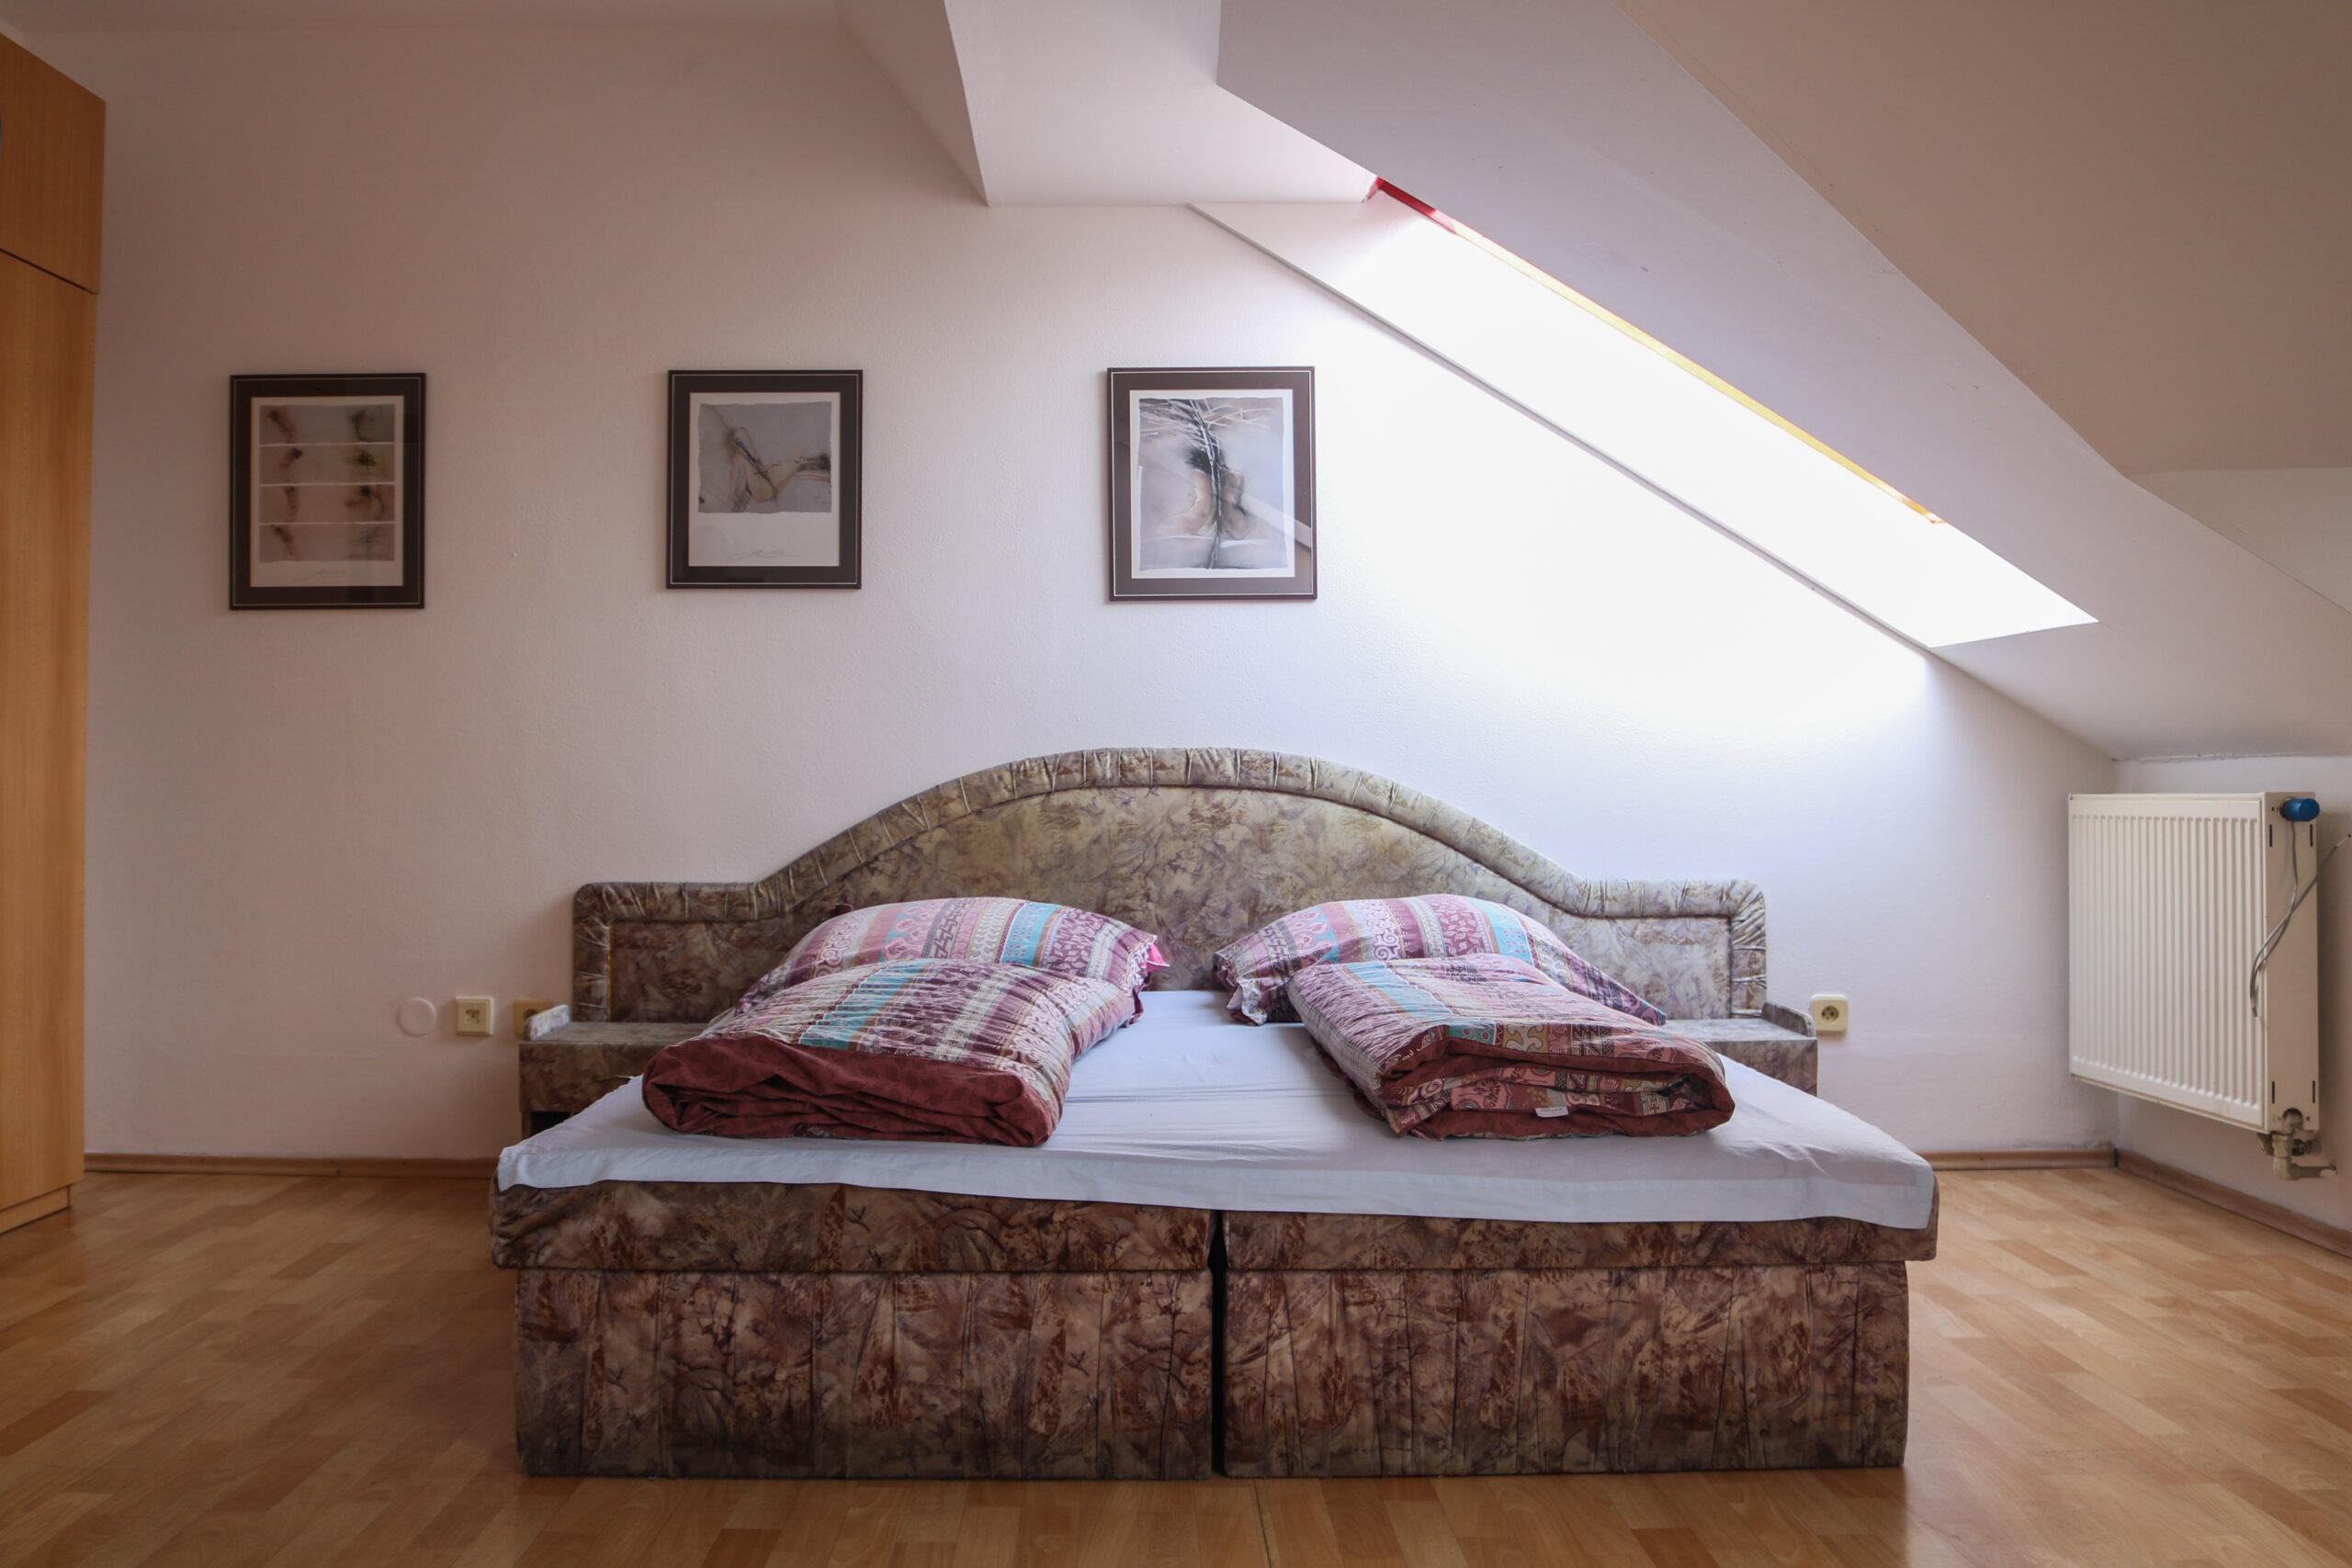 Manželská postel v apartmánu 7 v ubytování Hajírna Opava